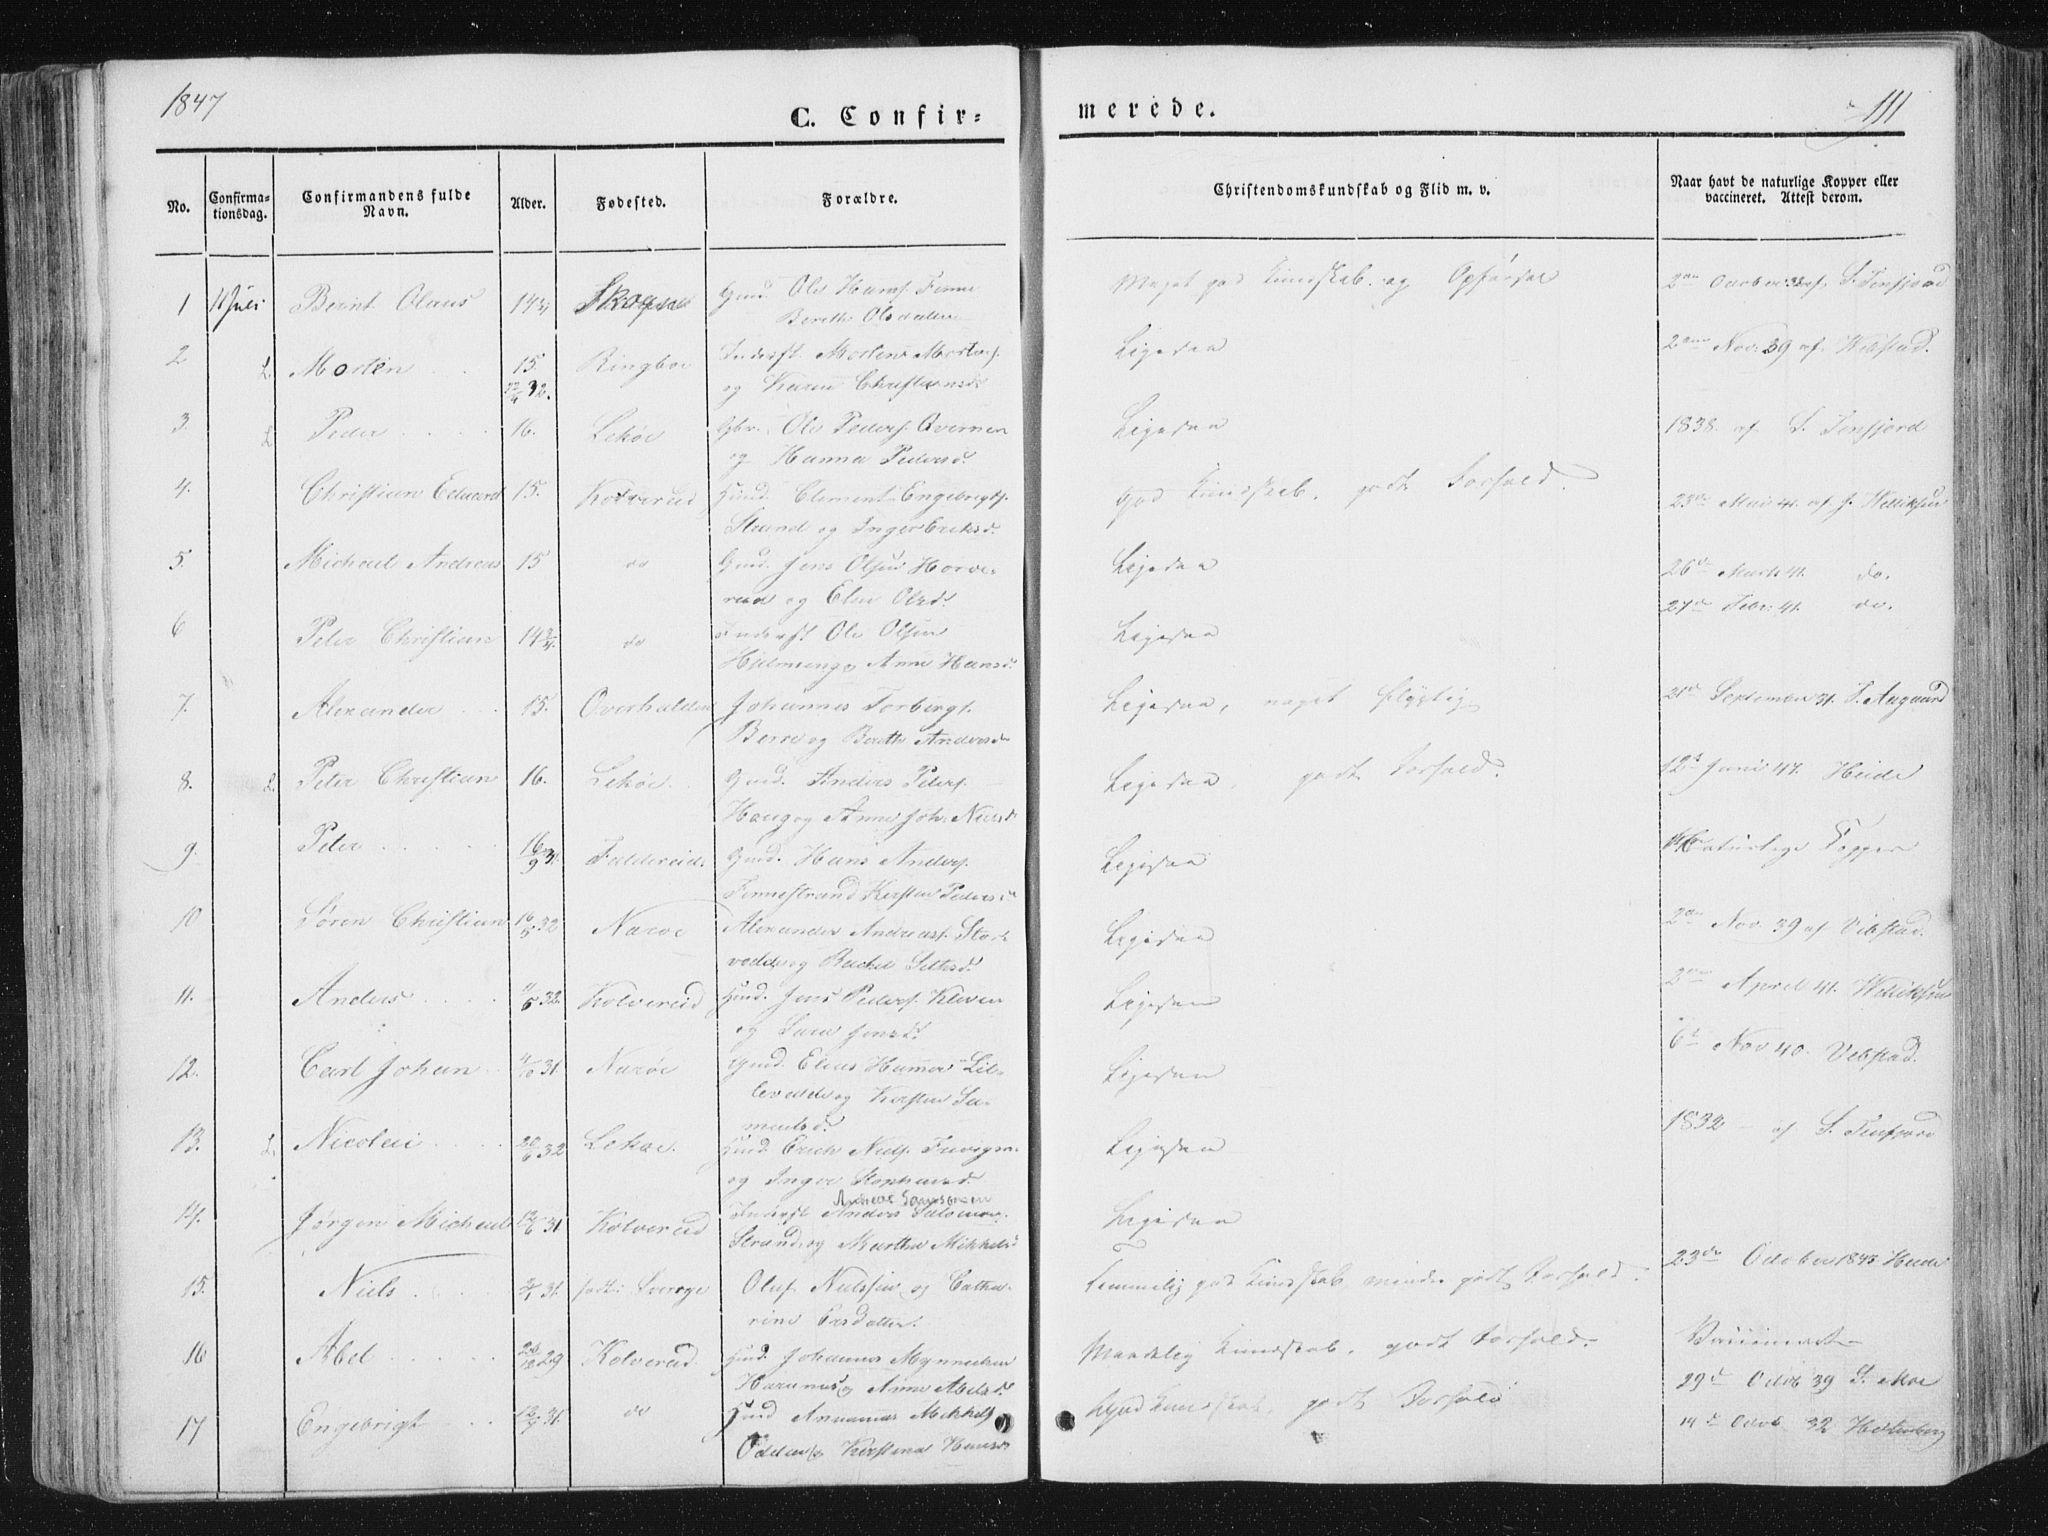 SAT, Ministerialprotokoller, klokkerbøker og fødselsregistre - Nord-Trøndelag, 780/L0640: Ministerialbok nr. 780A05, 1845-1856, s. 111